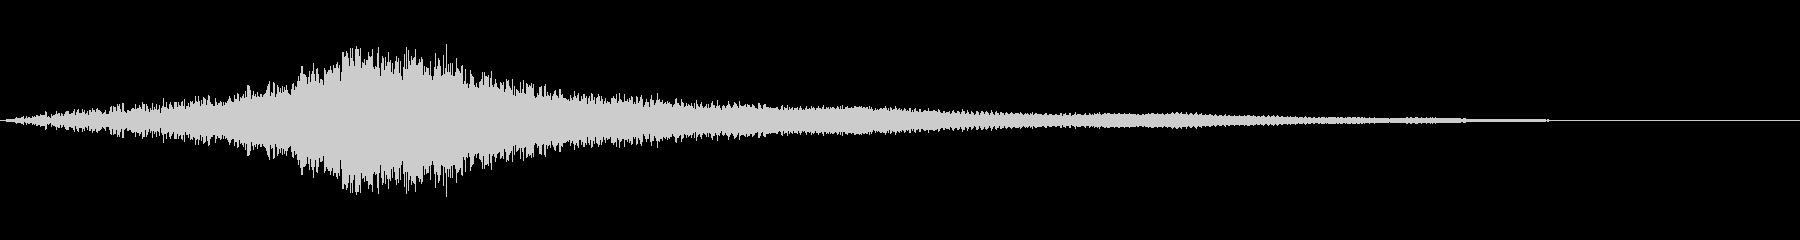 シュー:迫力ハイブリット音:オープニングの未再生の波形